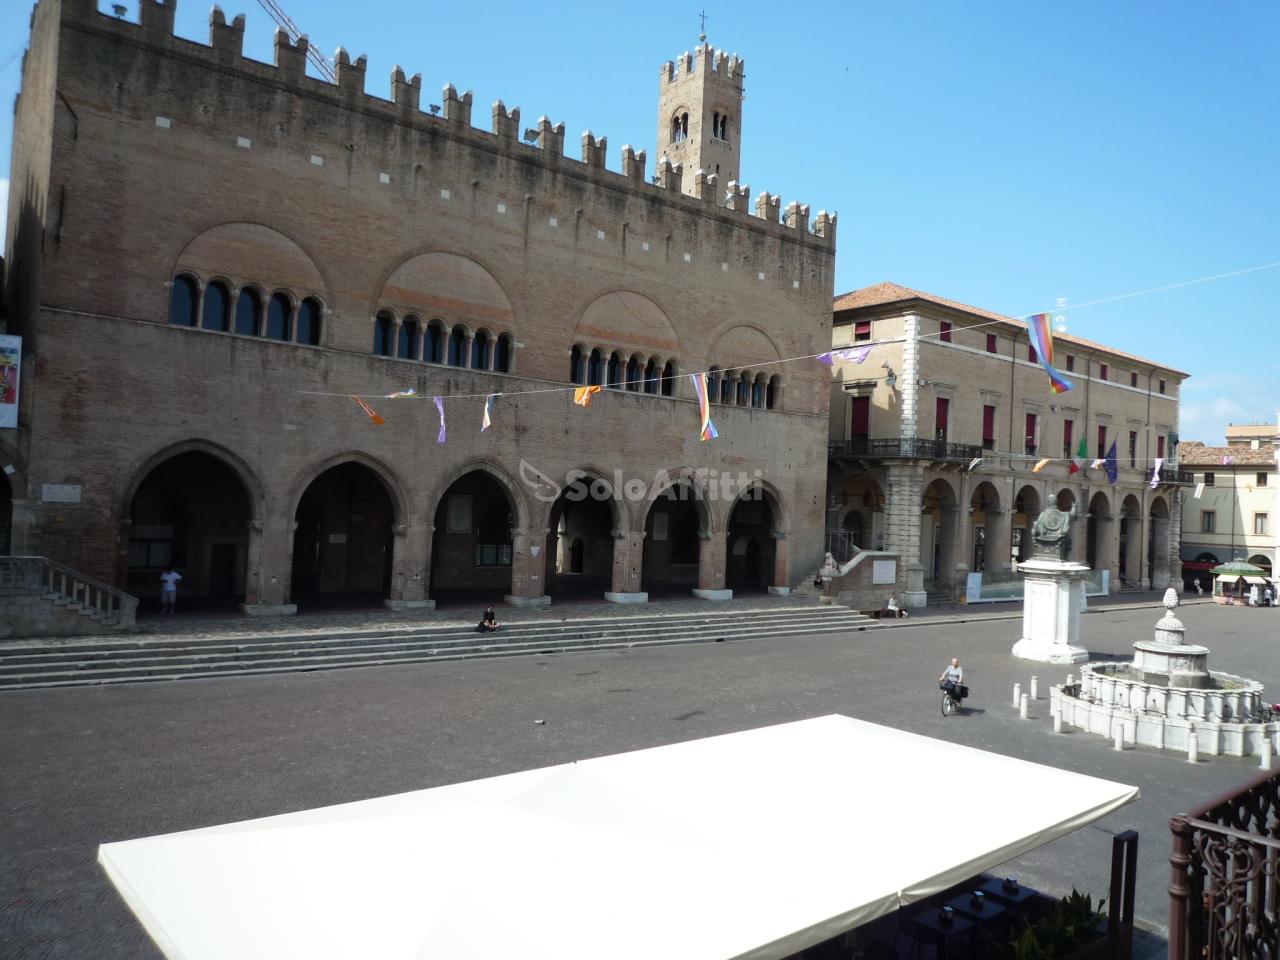 Ufficio in affitto a rimini centro storico piano terra for Affitto ufficio centro storico